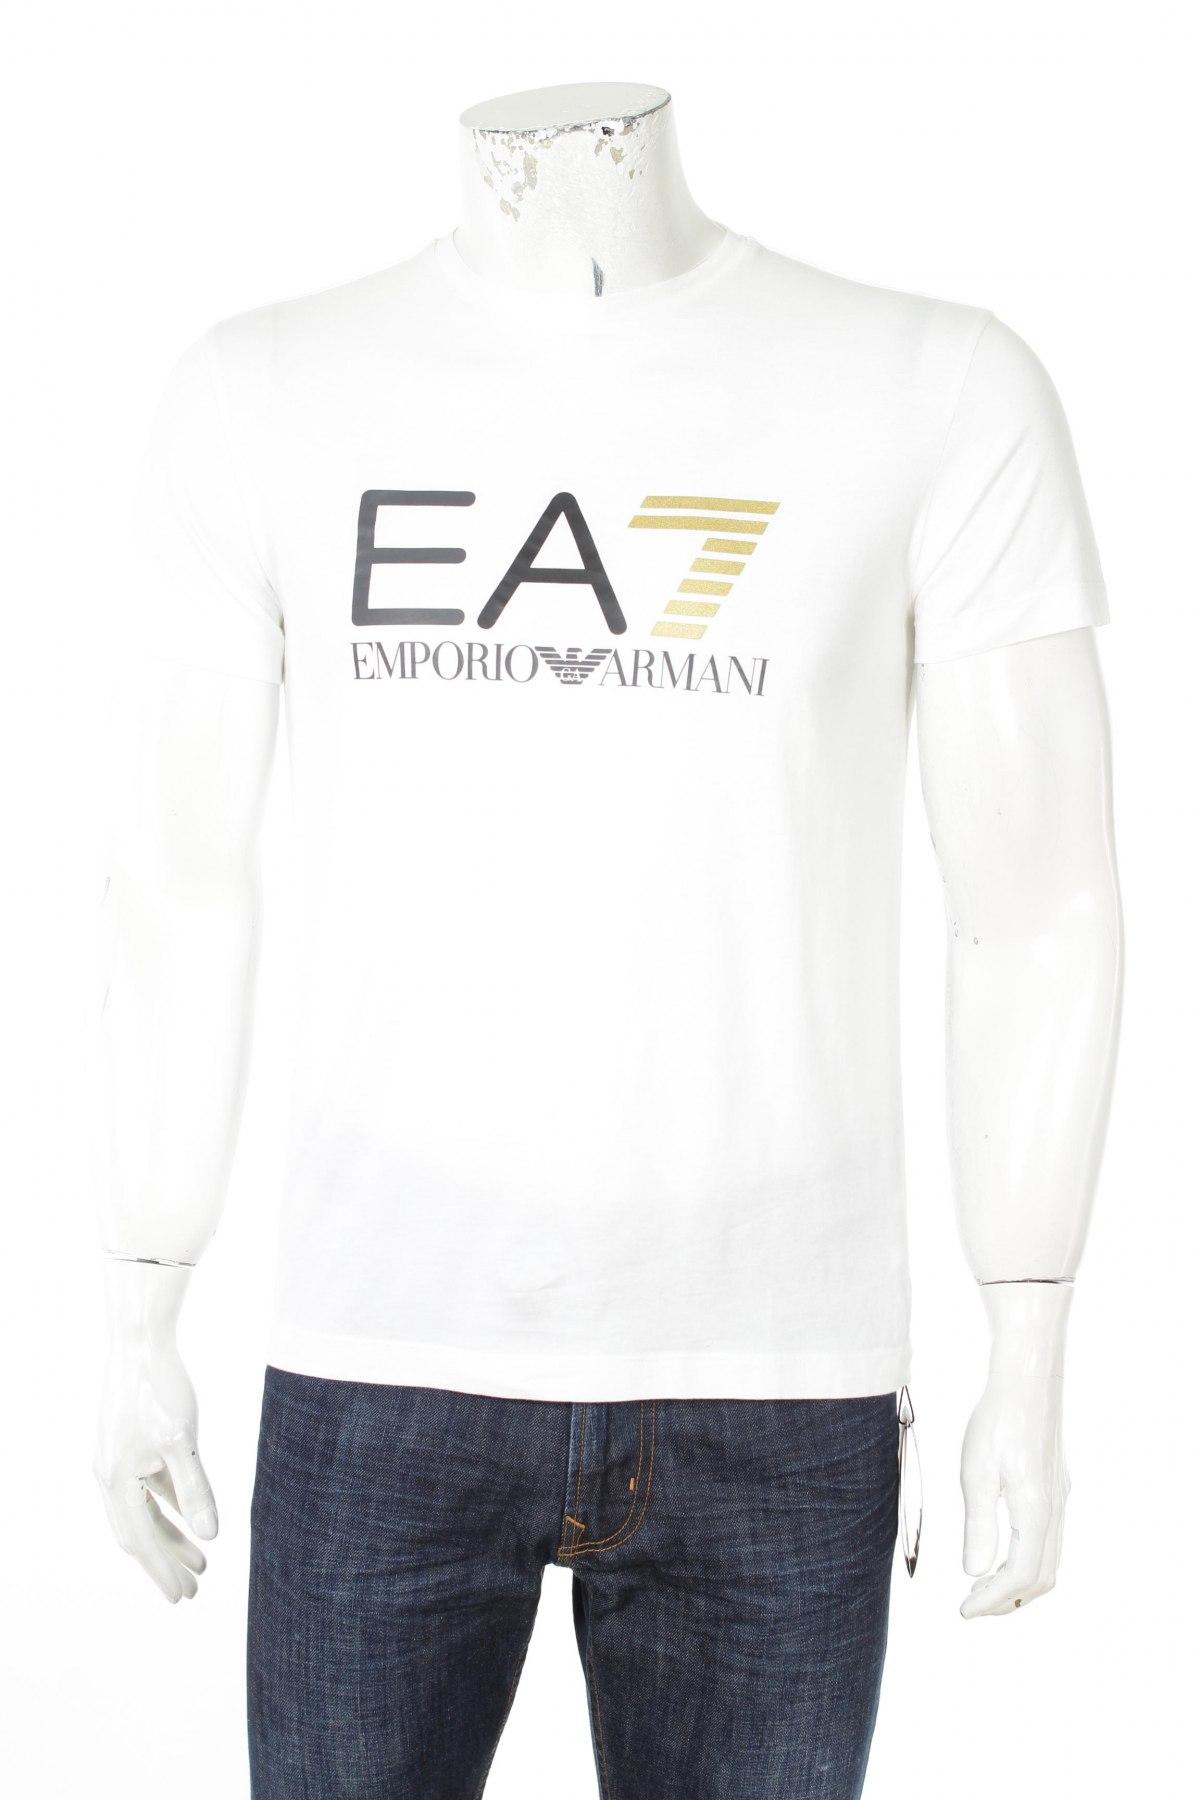 12f4e7d0b6 Pánske tričko Emporio Armani - za výhodnú cenu na Remix -  100530148